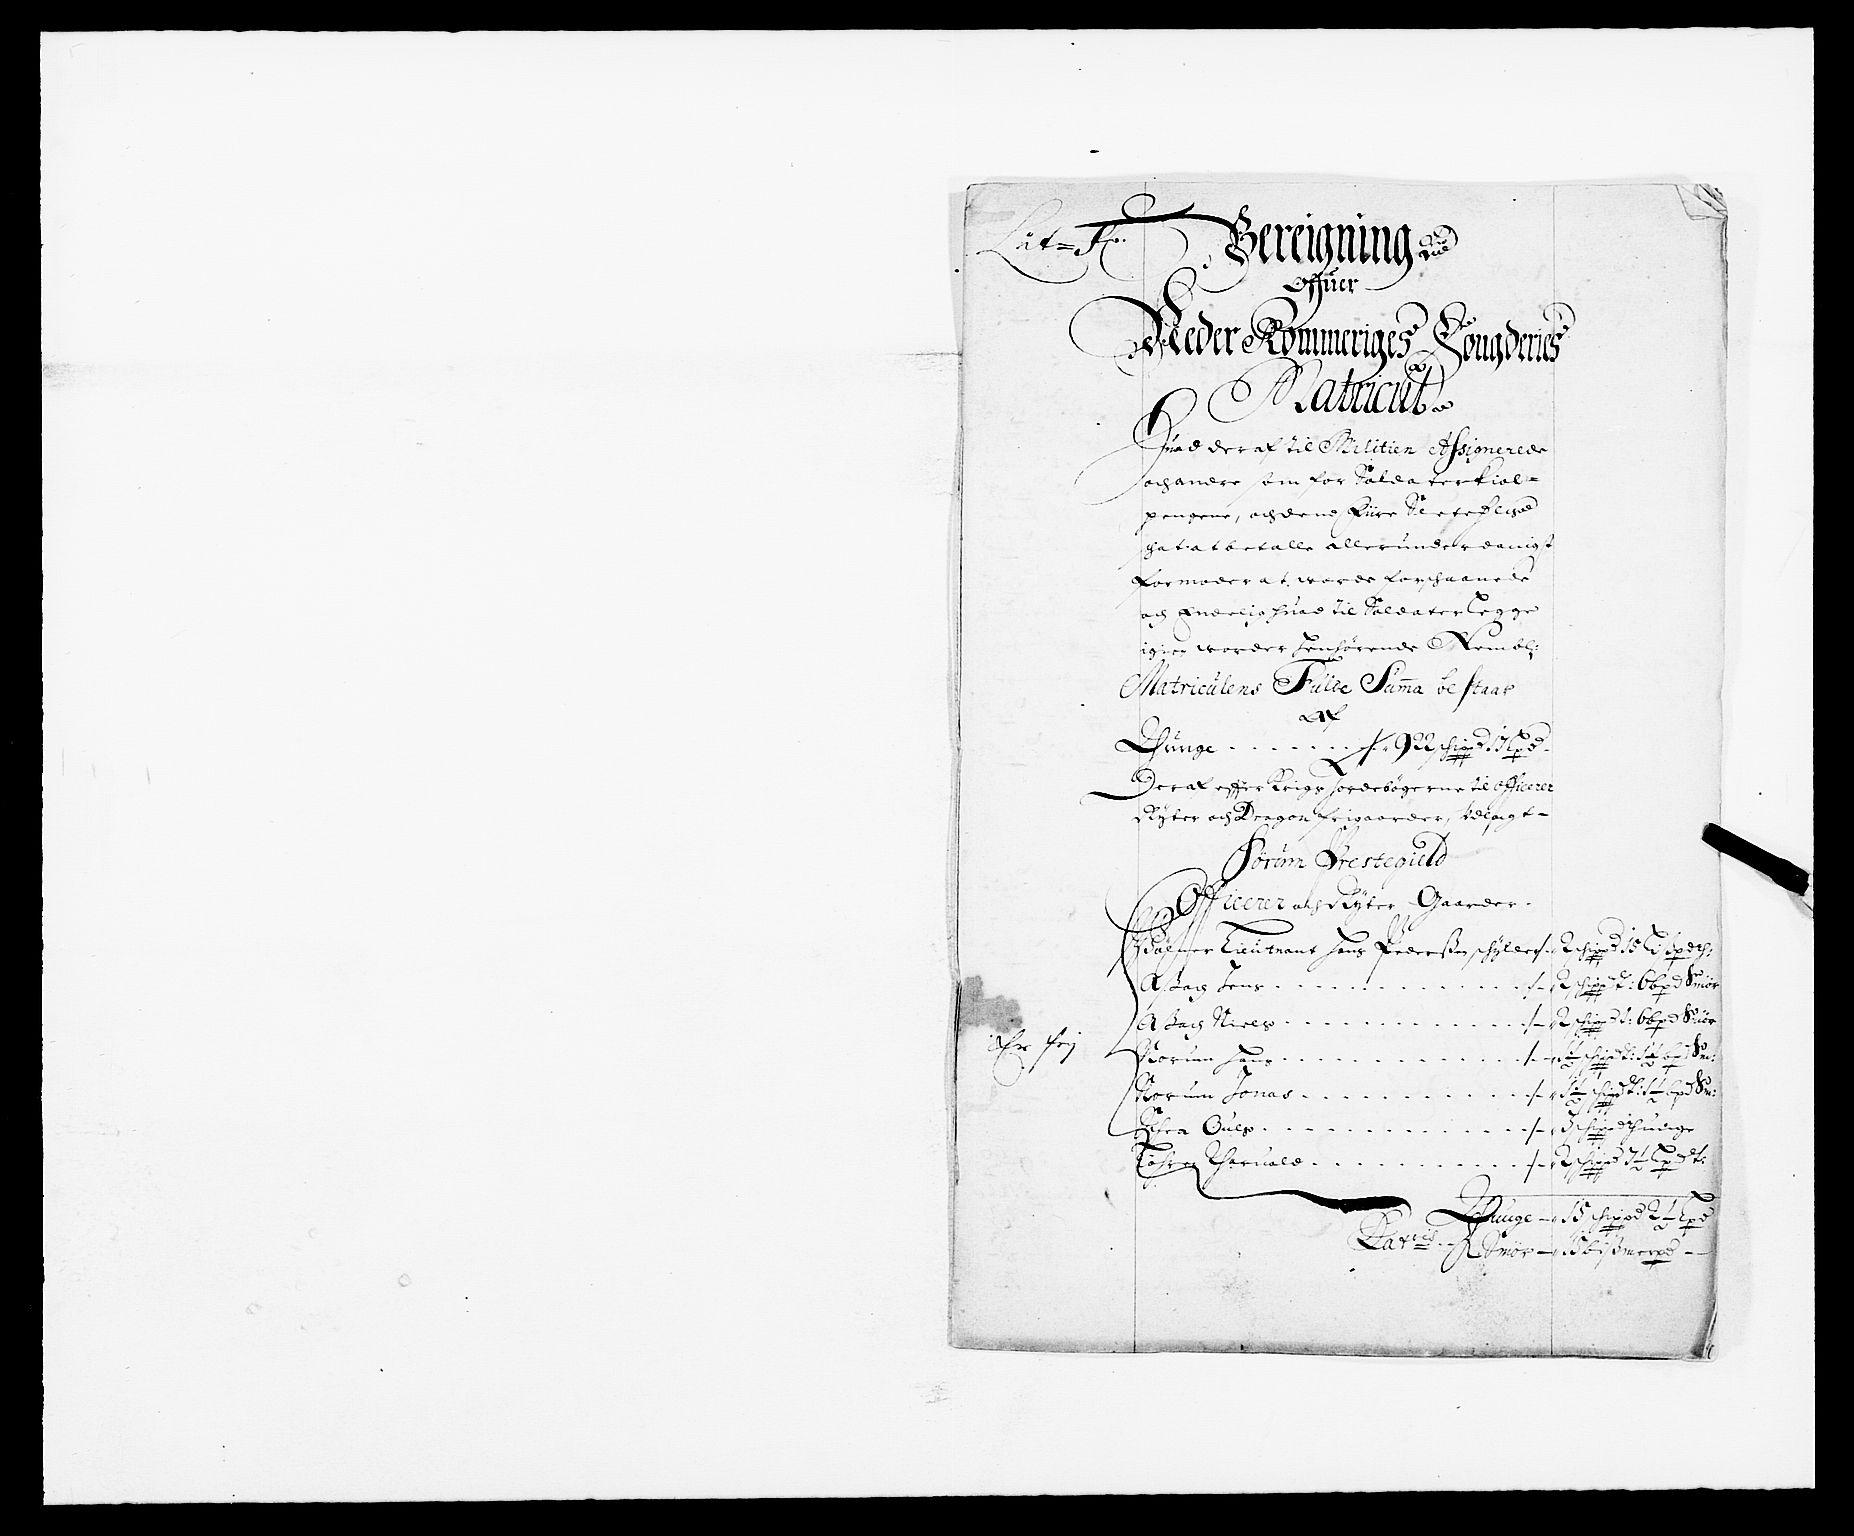 RA, Rentekammeret inntil 1814, Reviderte regnskaper, Fogderegnskap, R11/L0574: Fogderegnskap Nedre Romerike, 1689-1690, s. 84